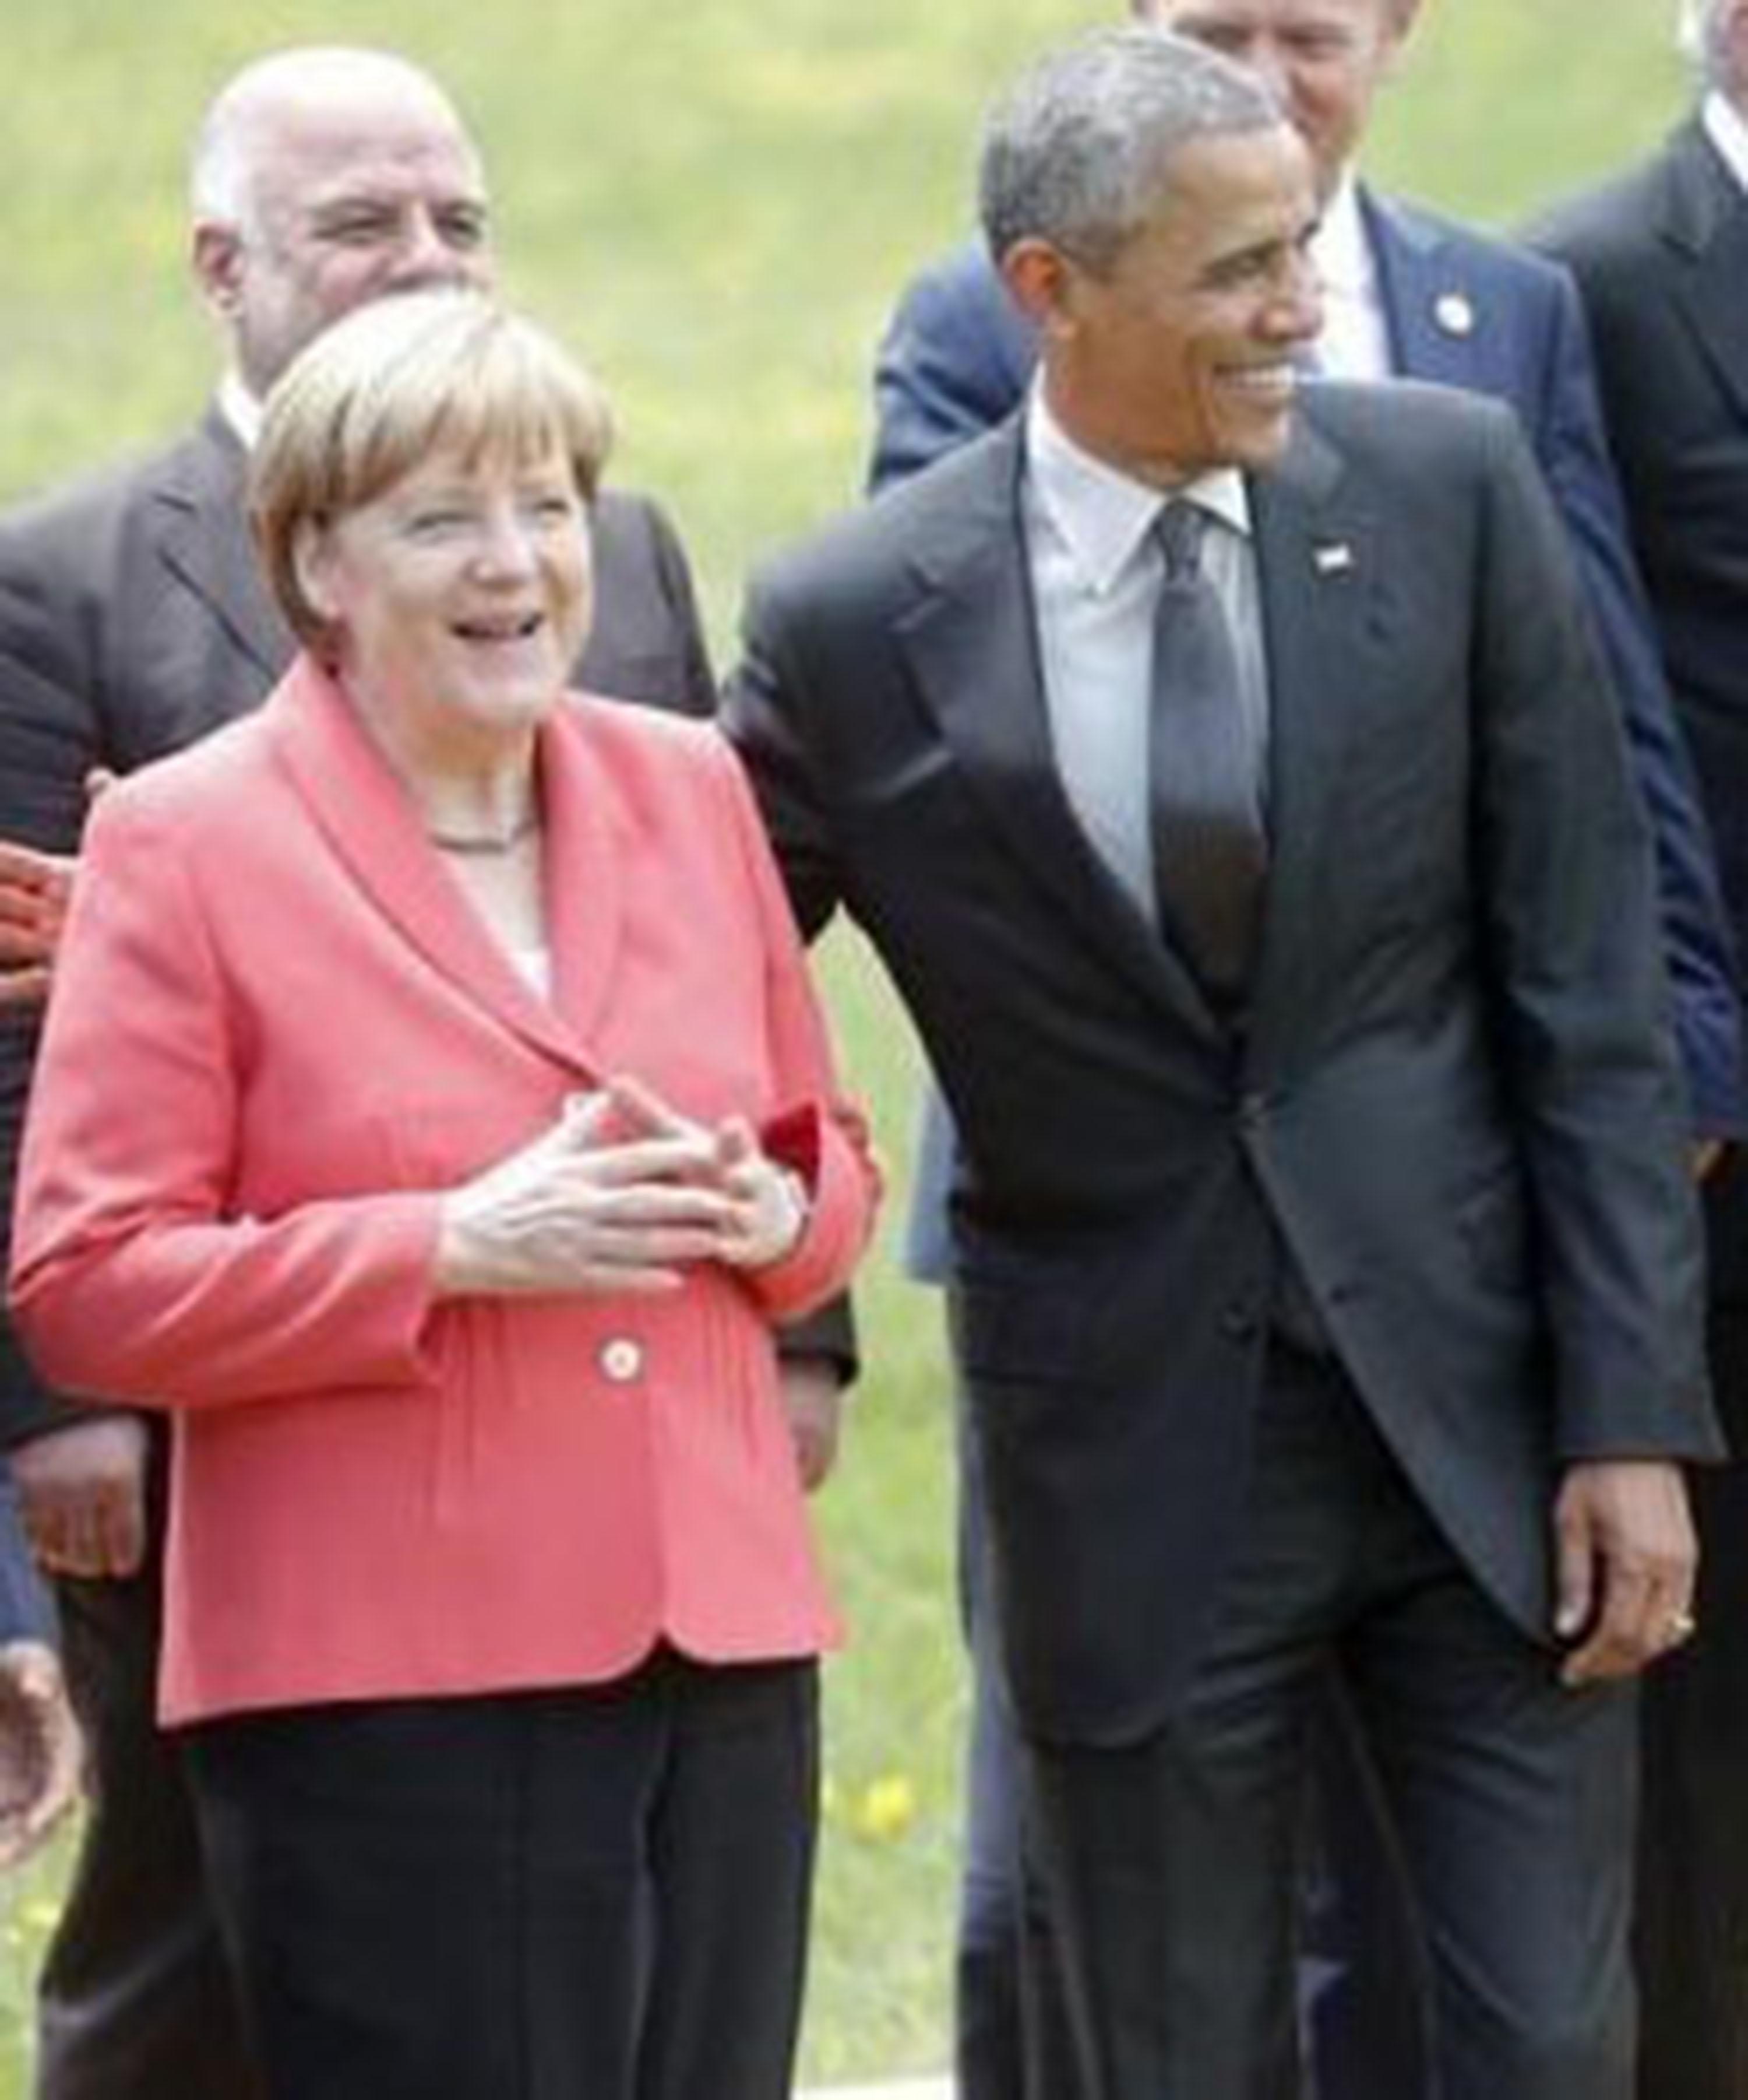 G7 leaders bid 'Auf Wiedersehen' to carbon fuels ...